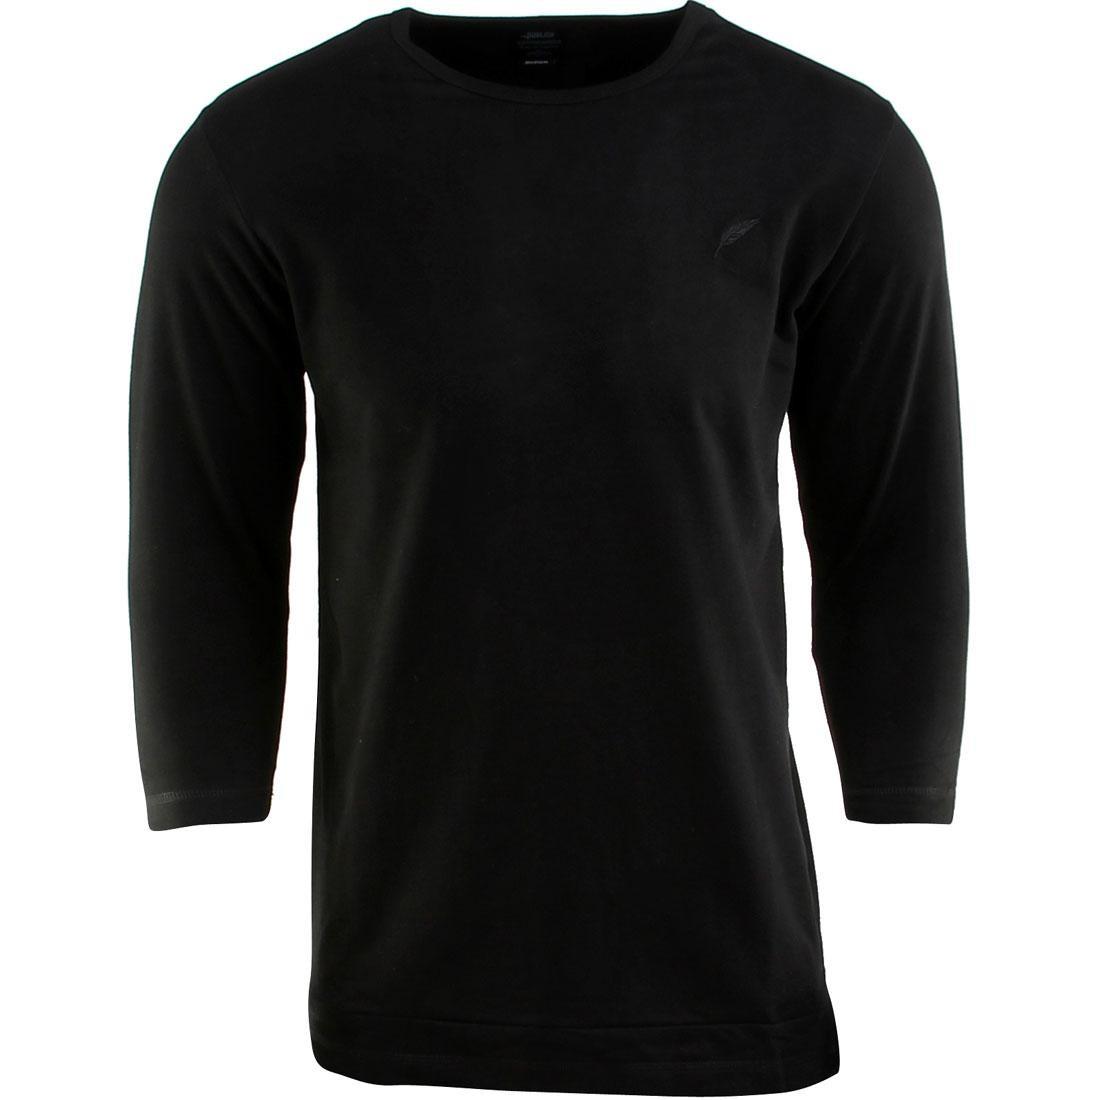 パブリッシュ スリーブ Tシャツ メンズファッション トップス カットソー メンズ 【 Publish Everit French Terry 3/4 Sleeve Tee (black) 】 Black